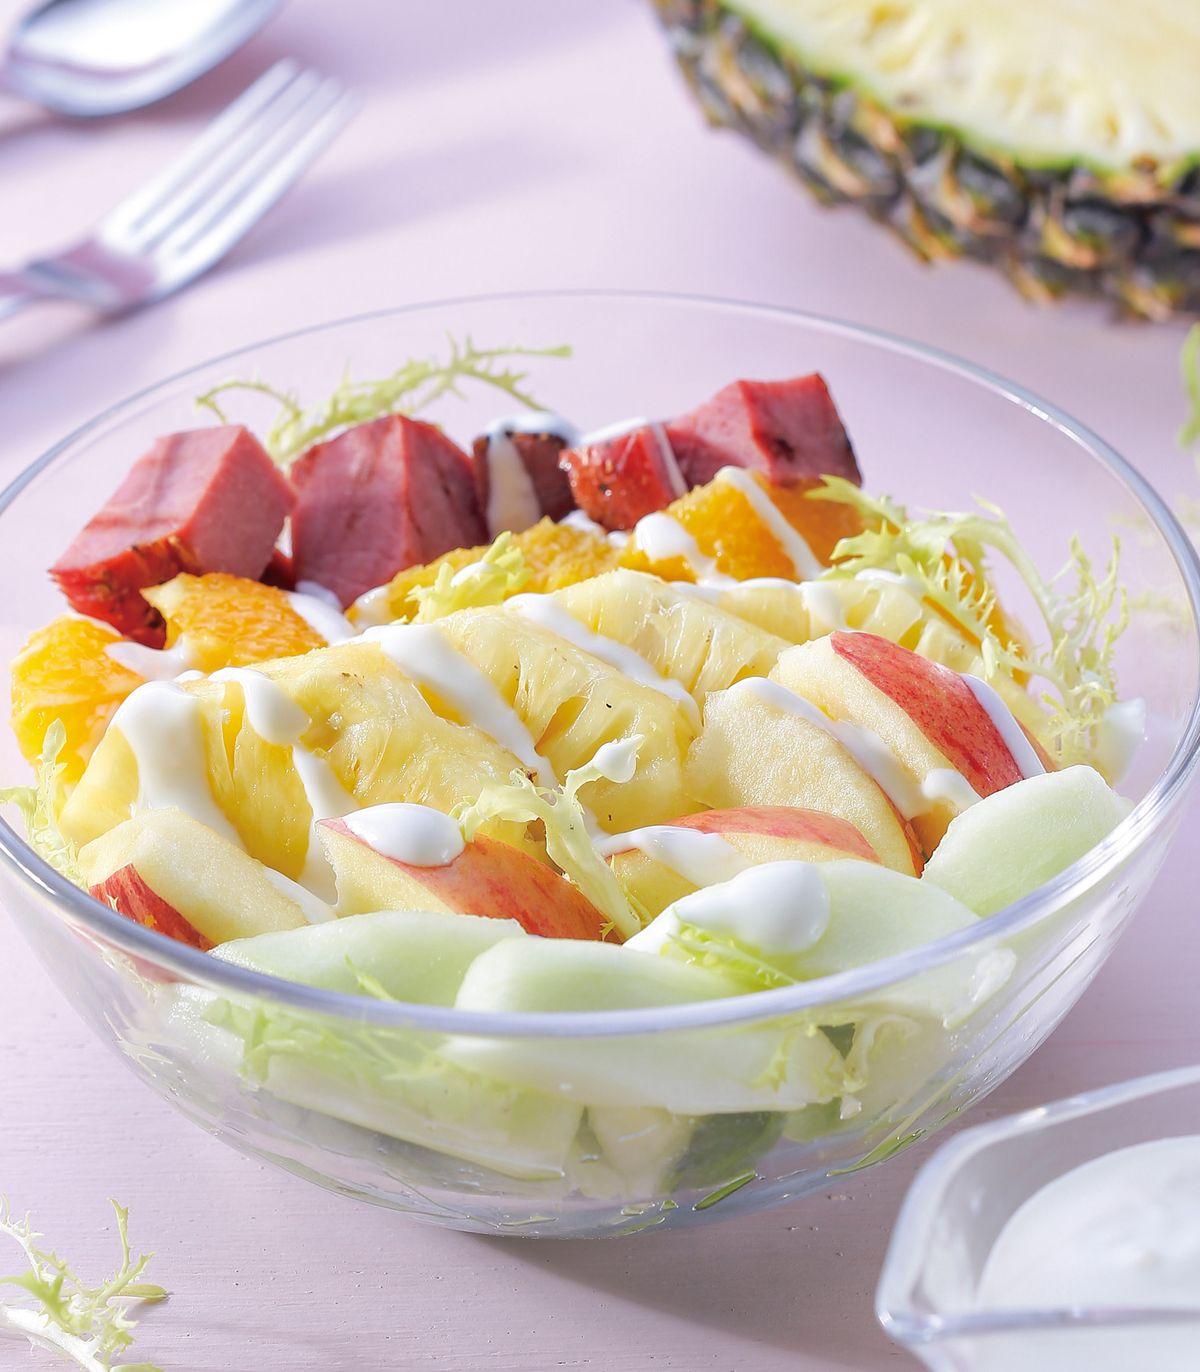 食譜:水果百匯沙拉